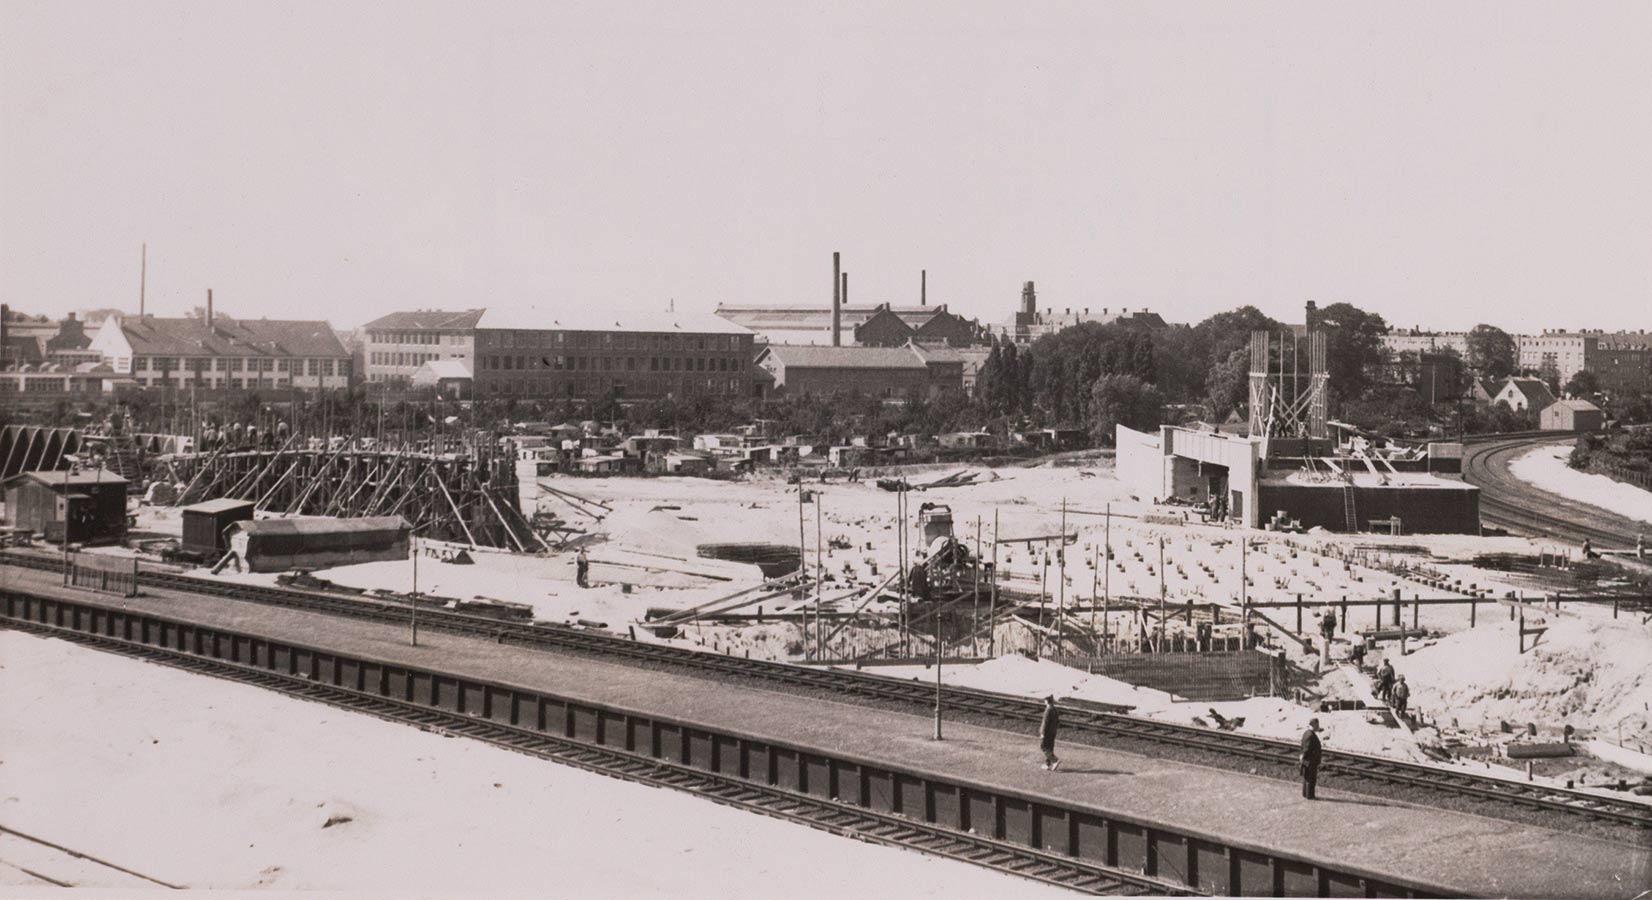 Bouwwerkzaamheden. Rechts viaduct, midden volkstuincomplex Tuinwijck en daarachter het sportfondsenbad.